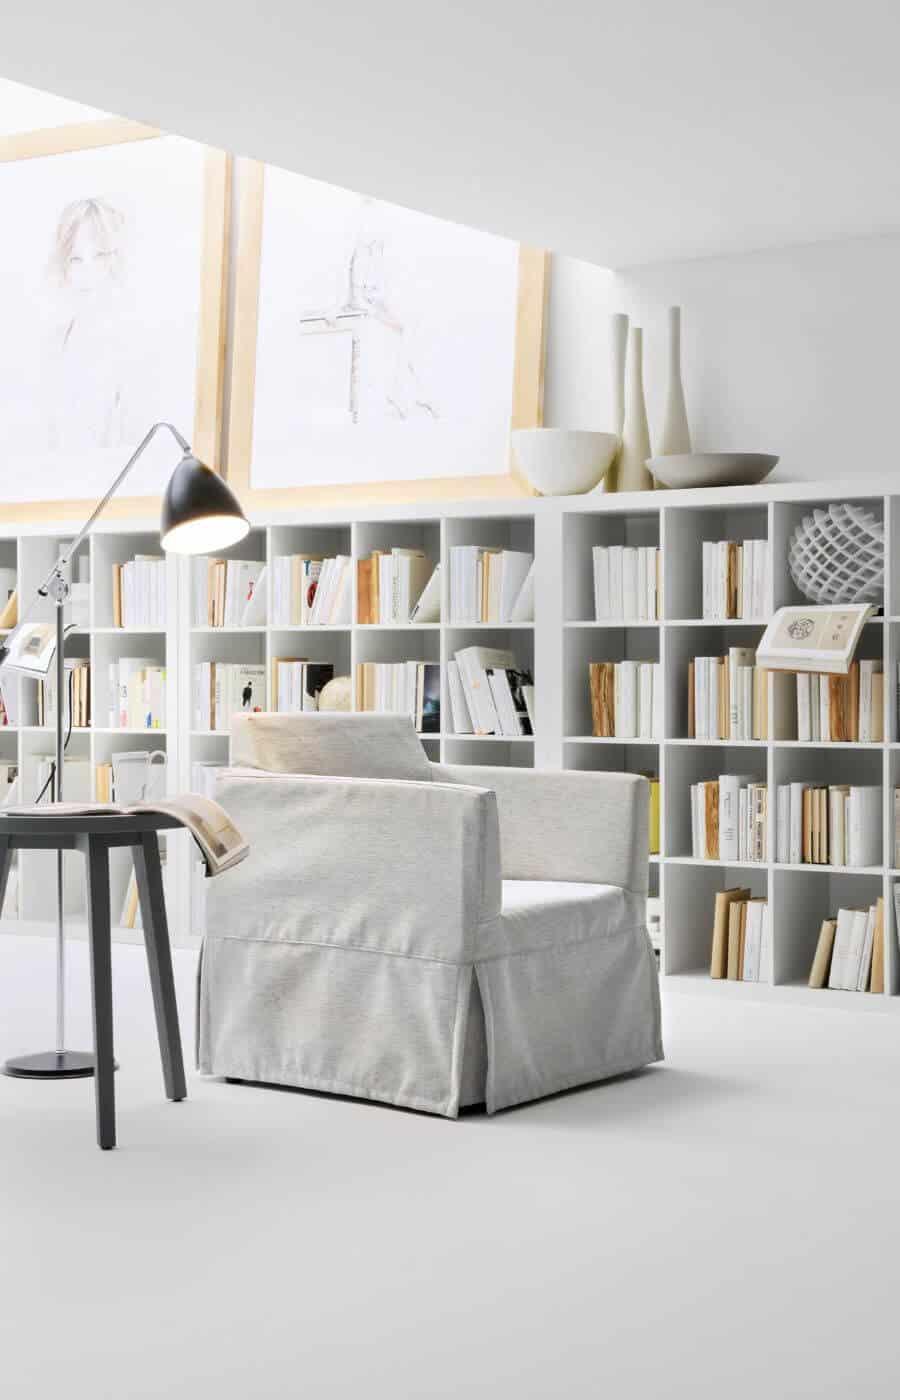 poltrone-letto-collezione-minnie-il-mobile